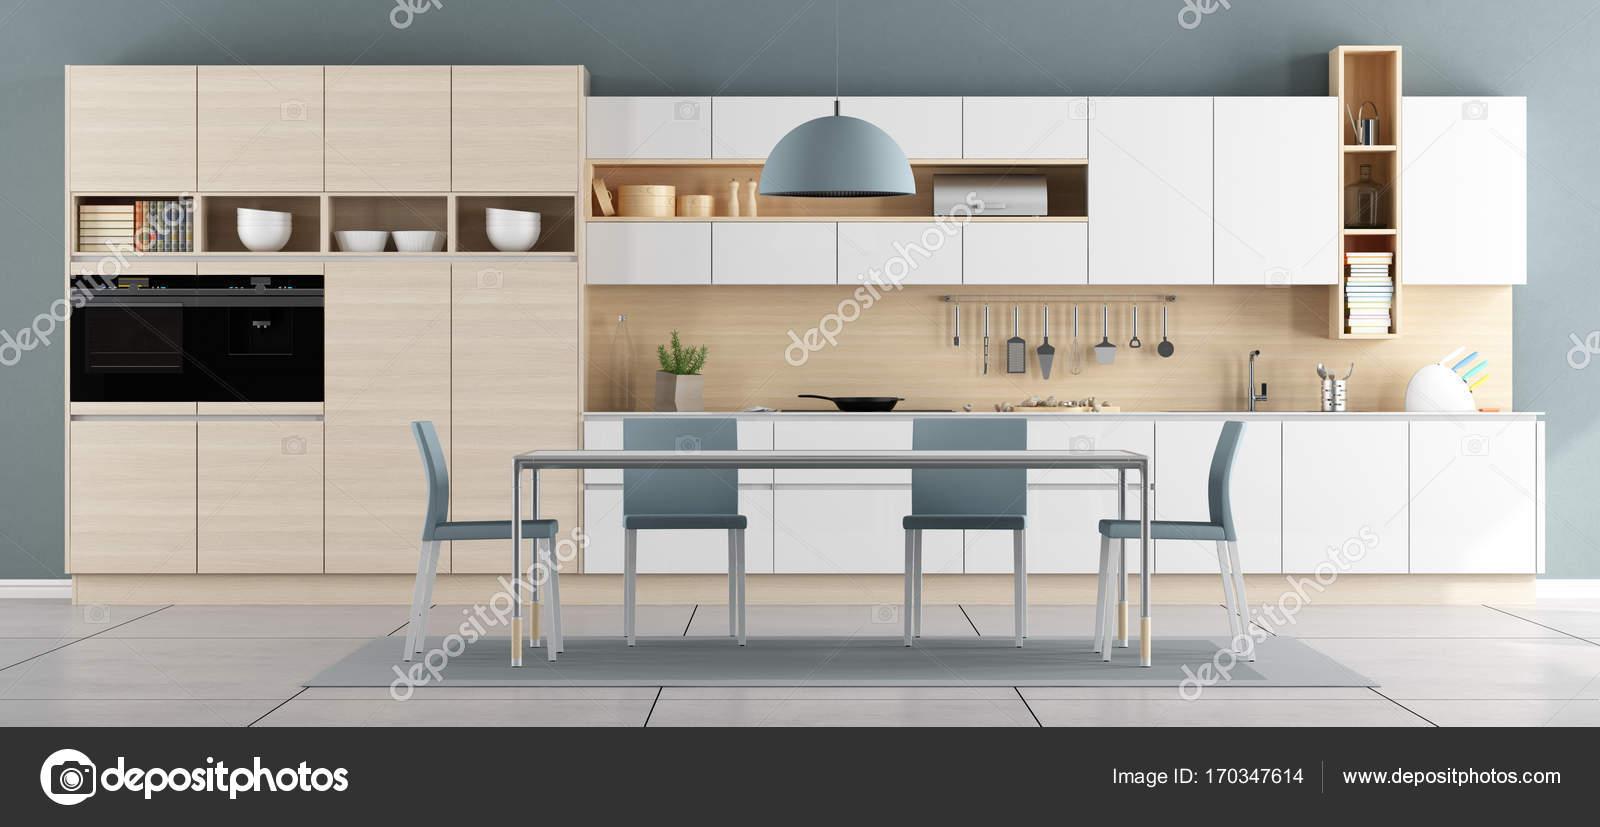 Blaue und weiße moderne Küche — Stockfoto © archideaphoto #170347614